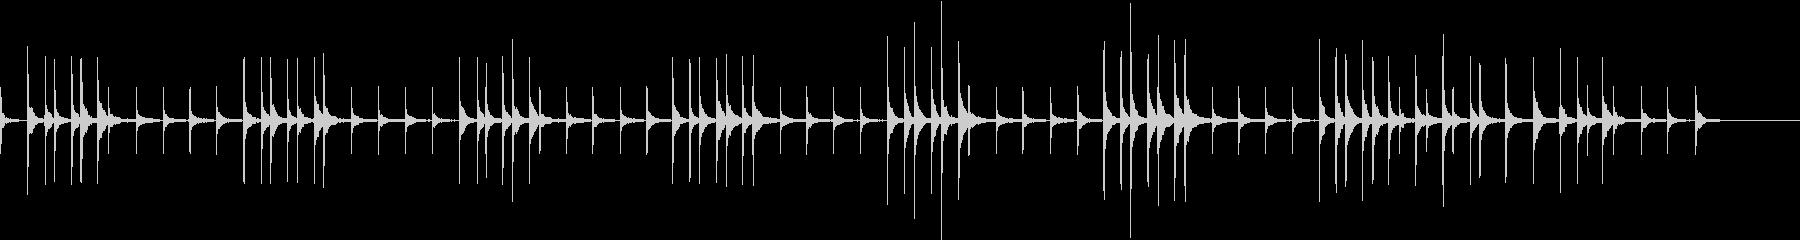 ウキウキしたシロフォンの未再生の波形